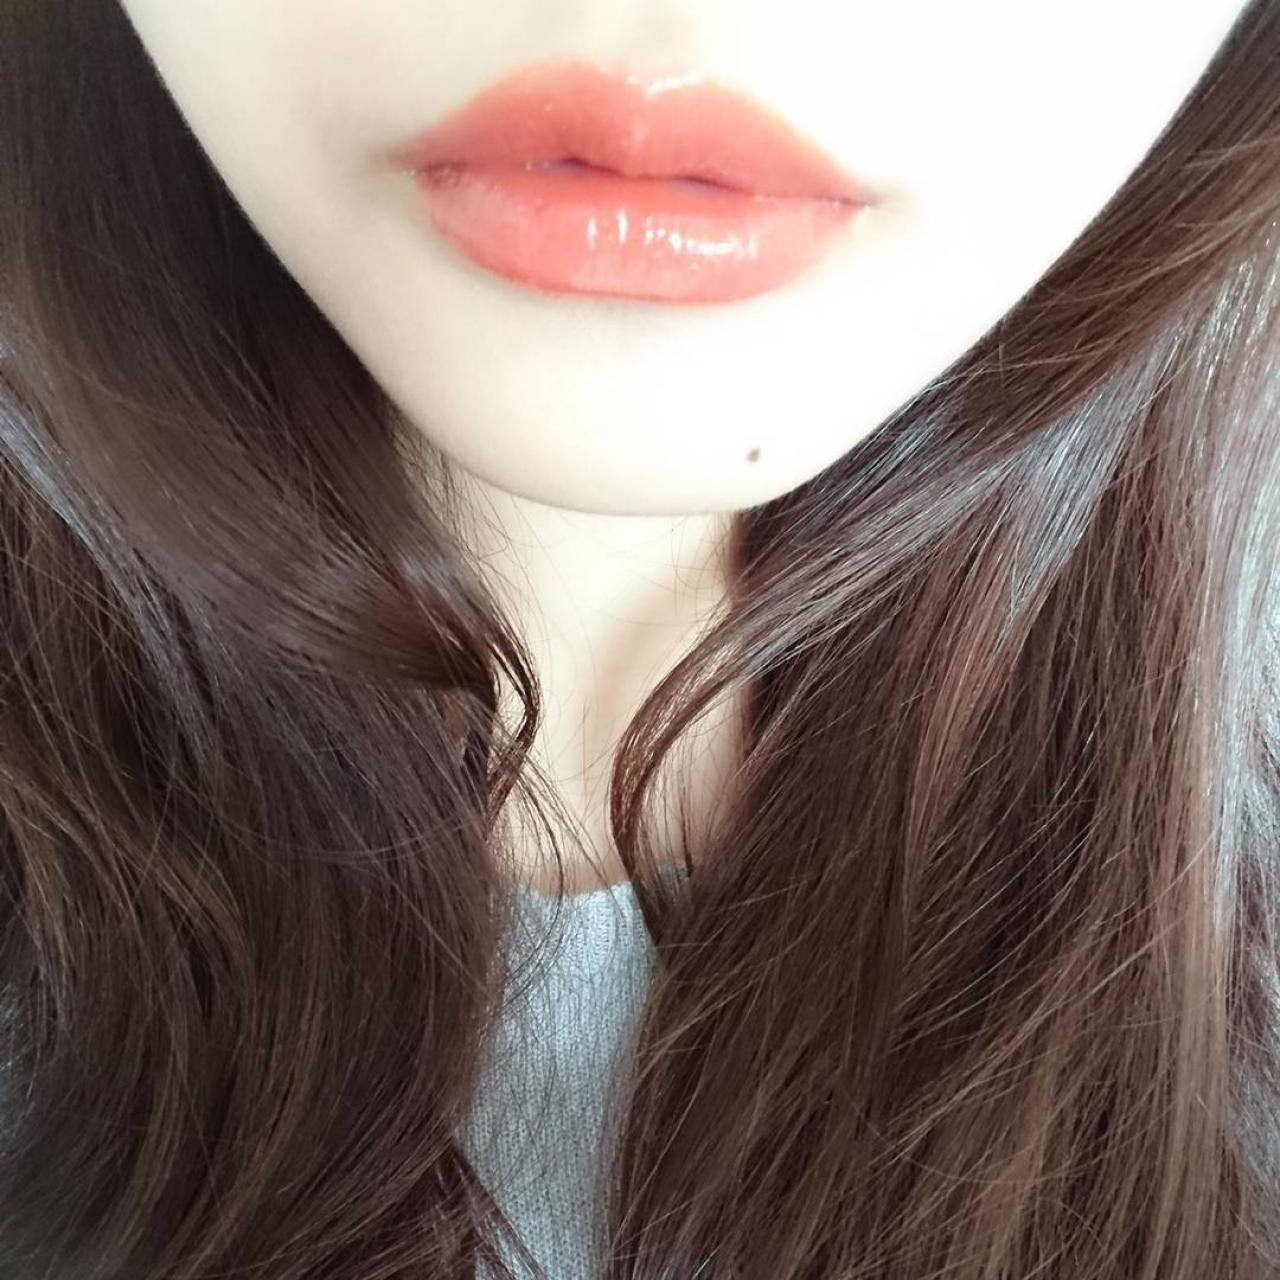 唇 ぷっくり リップ 口紅 モテ 男ウケ